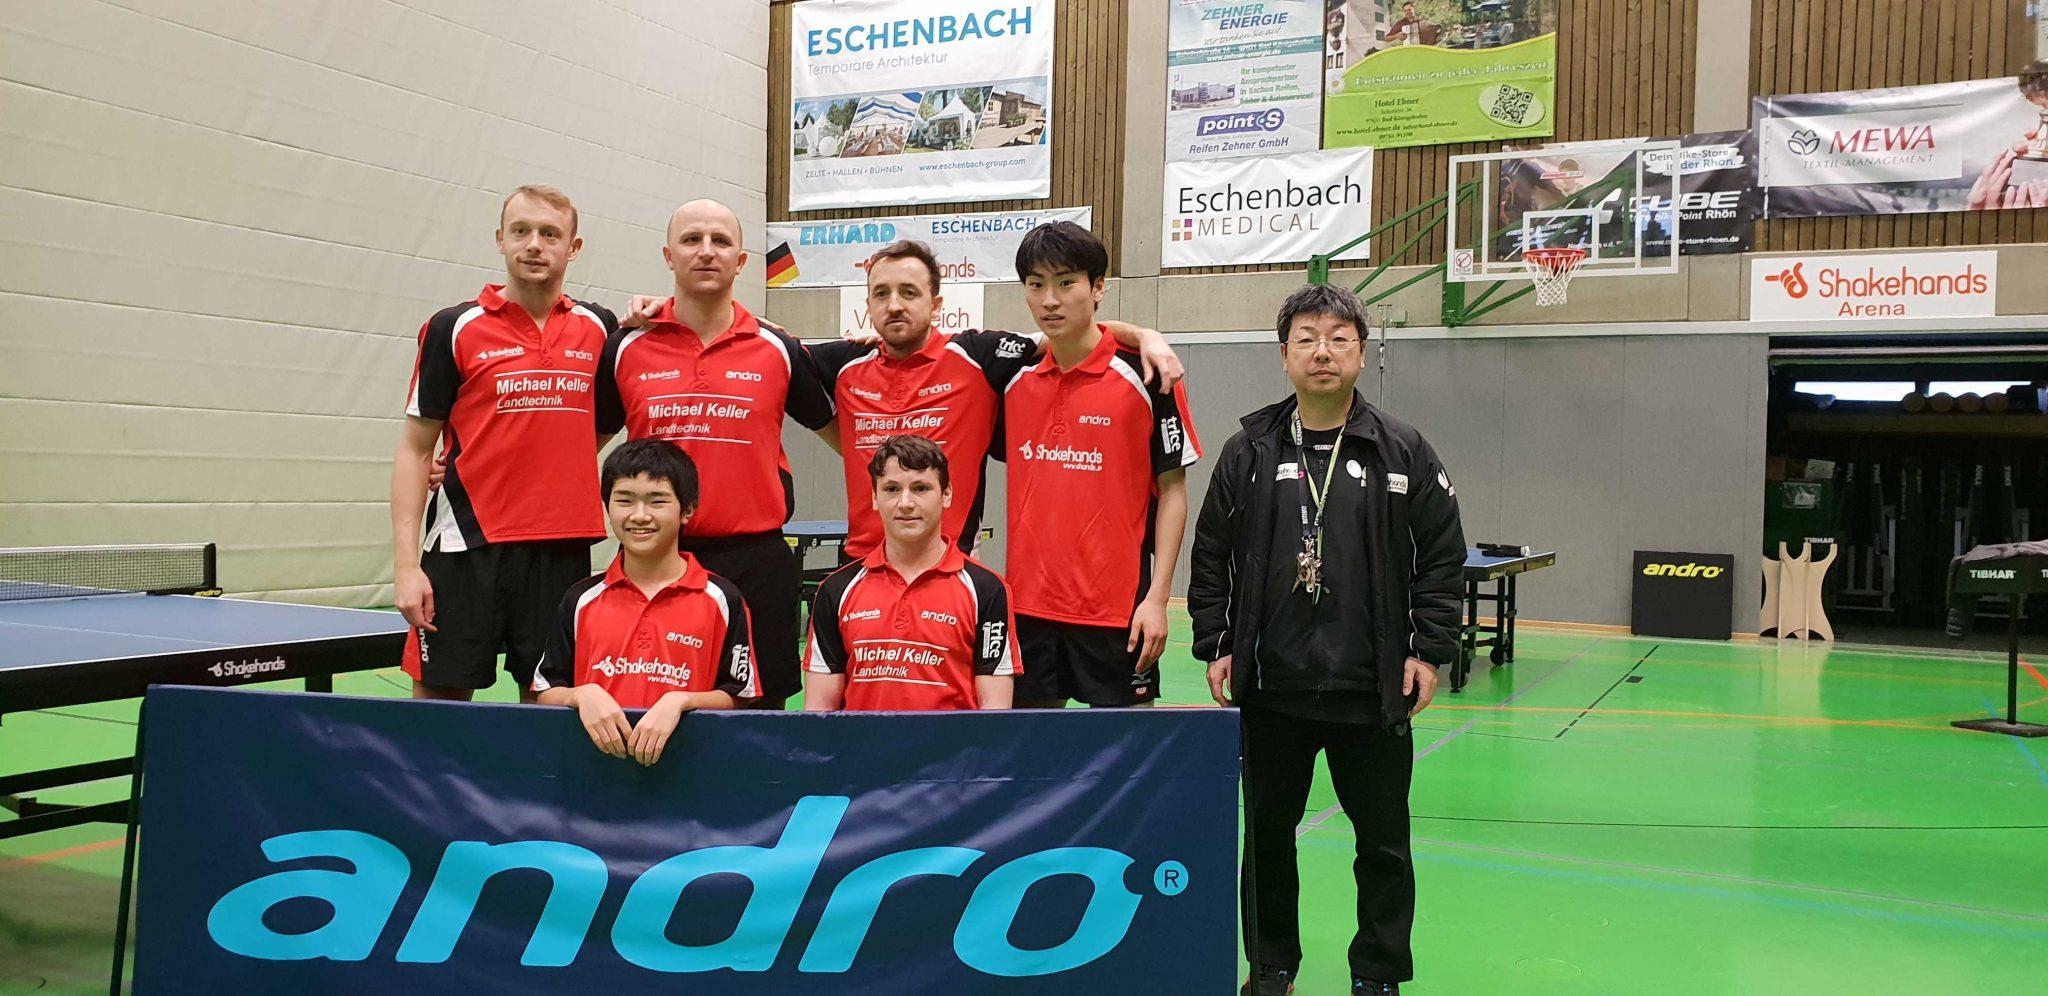 第2チームは村上選手の活躍でリーグ優勝へ王手!エッフェルトリッヒは柏選手の活躍で大逆襲が始まる(か)